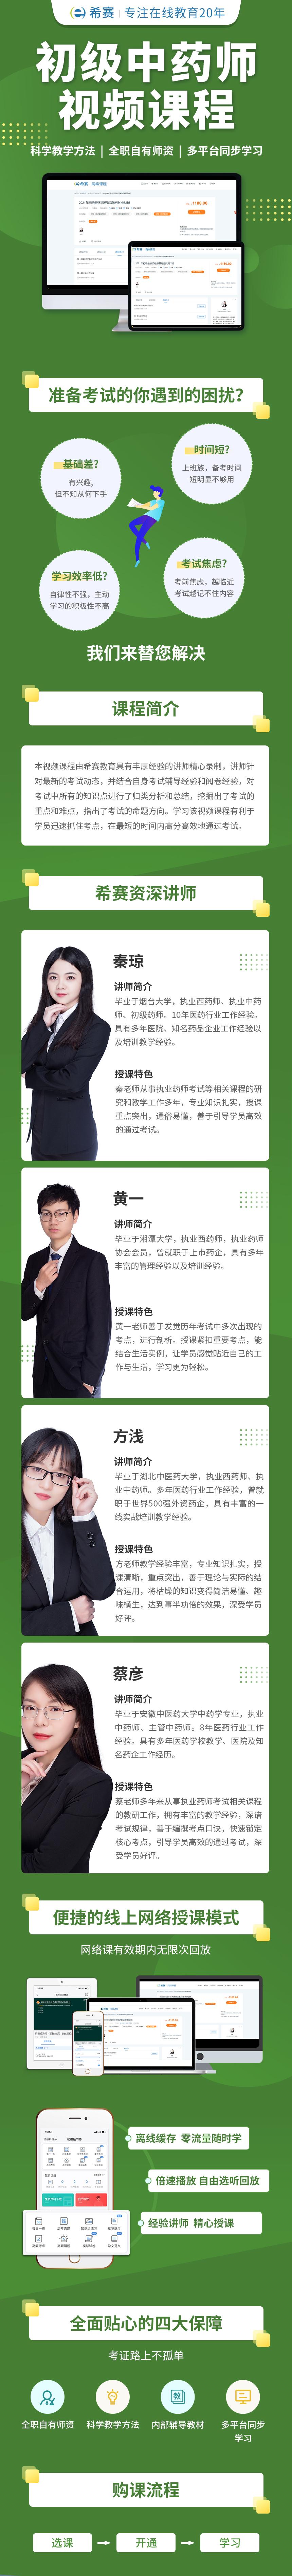 初级中药师视频课程.jpg